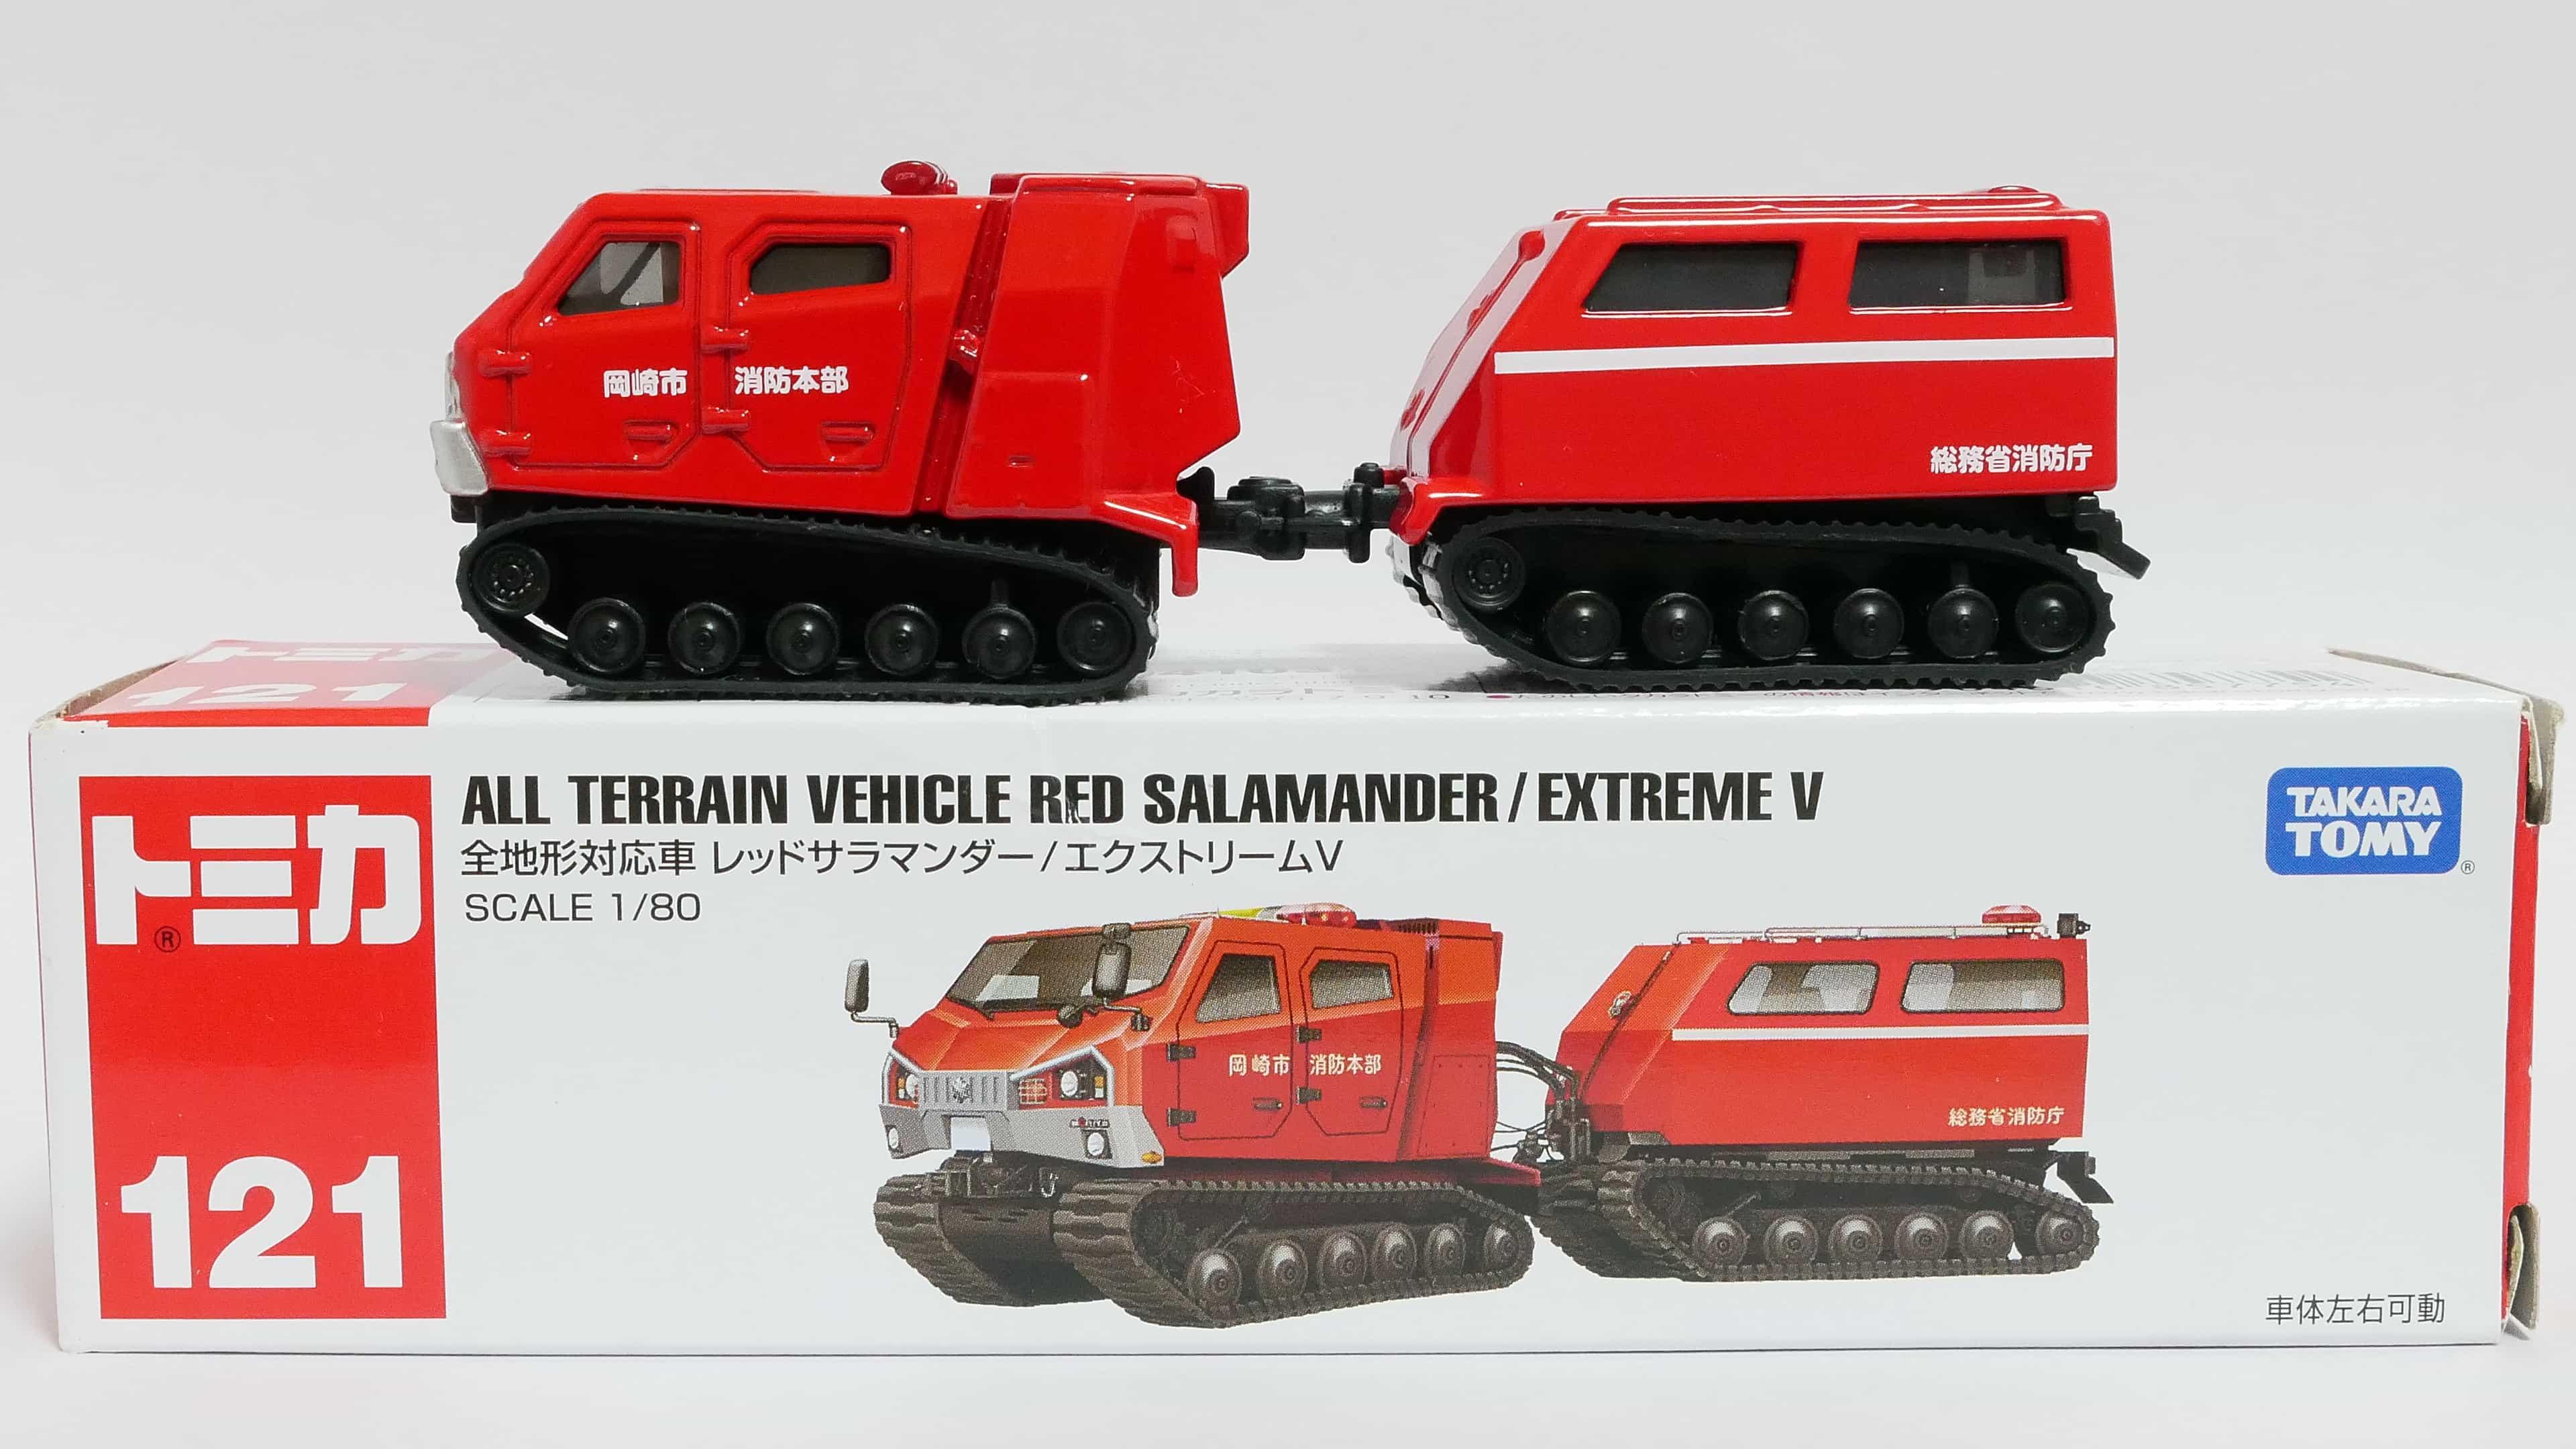 ロングタイプトミカNo.121-2全地形対応車レッドサラマンダー/エクストリームV-箱